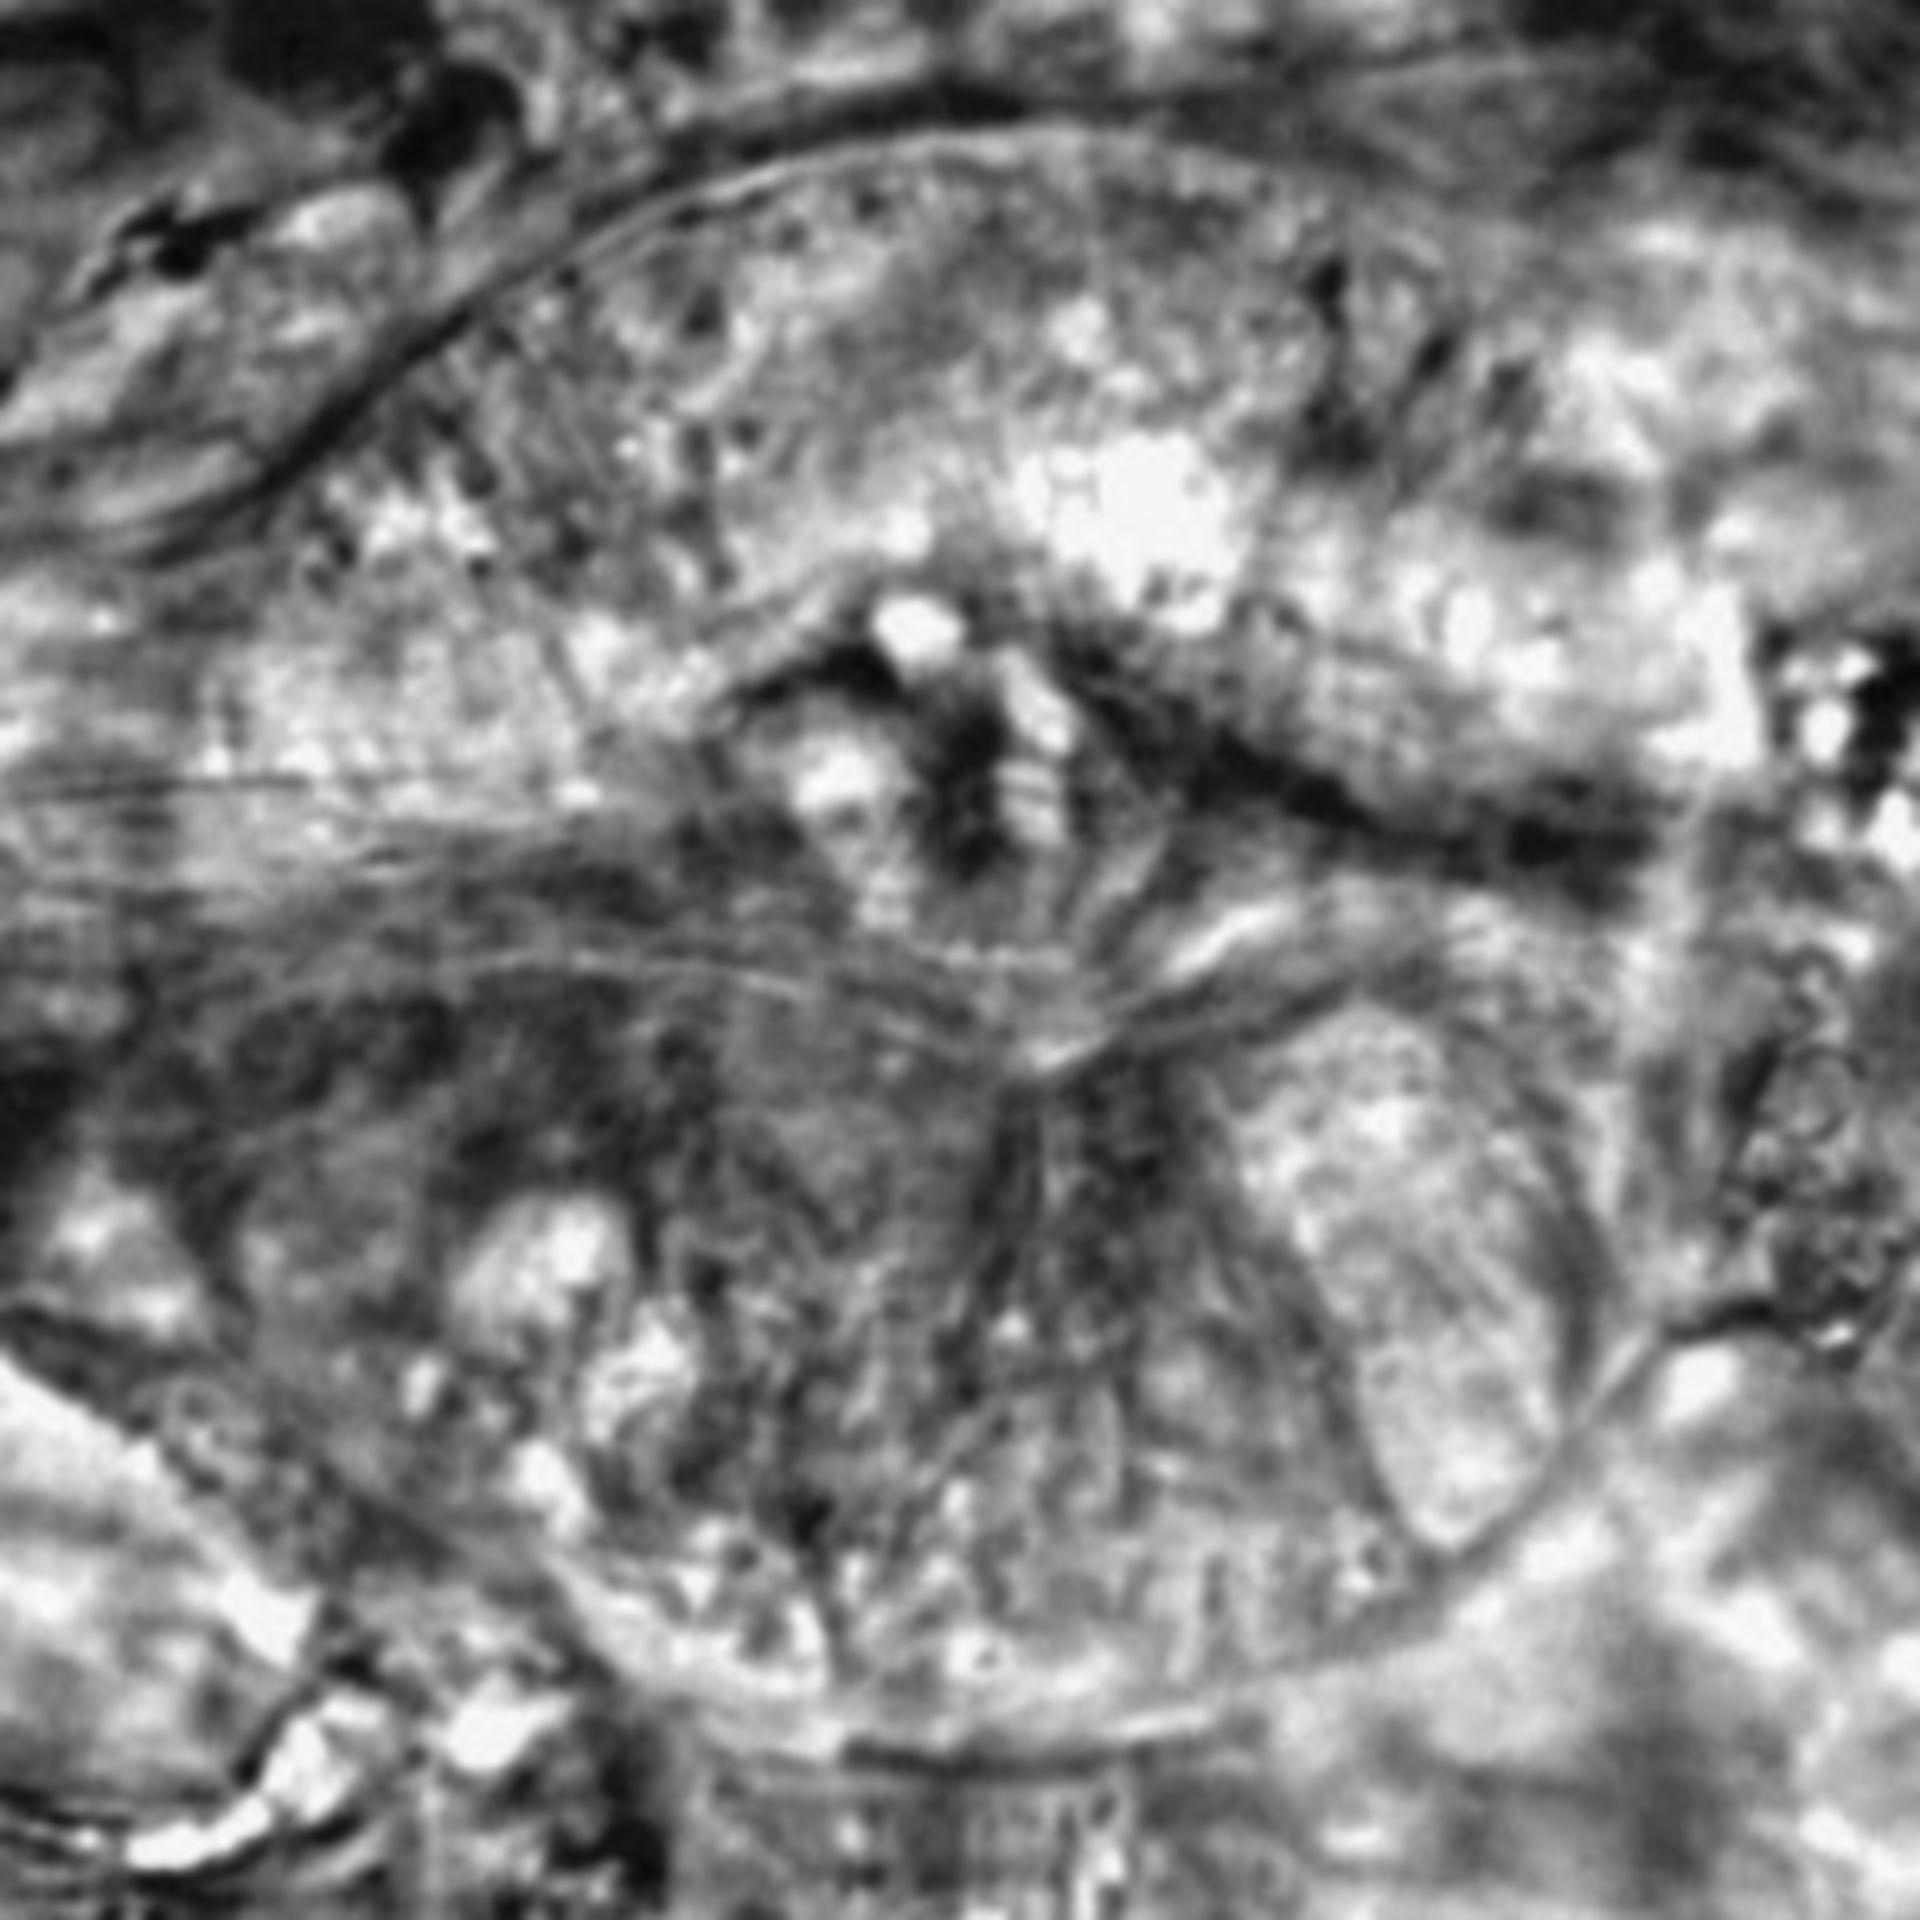 Caenorhabditis elegans - CIL:2626